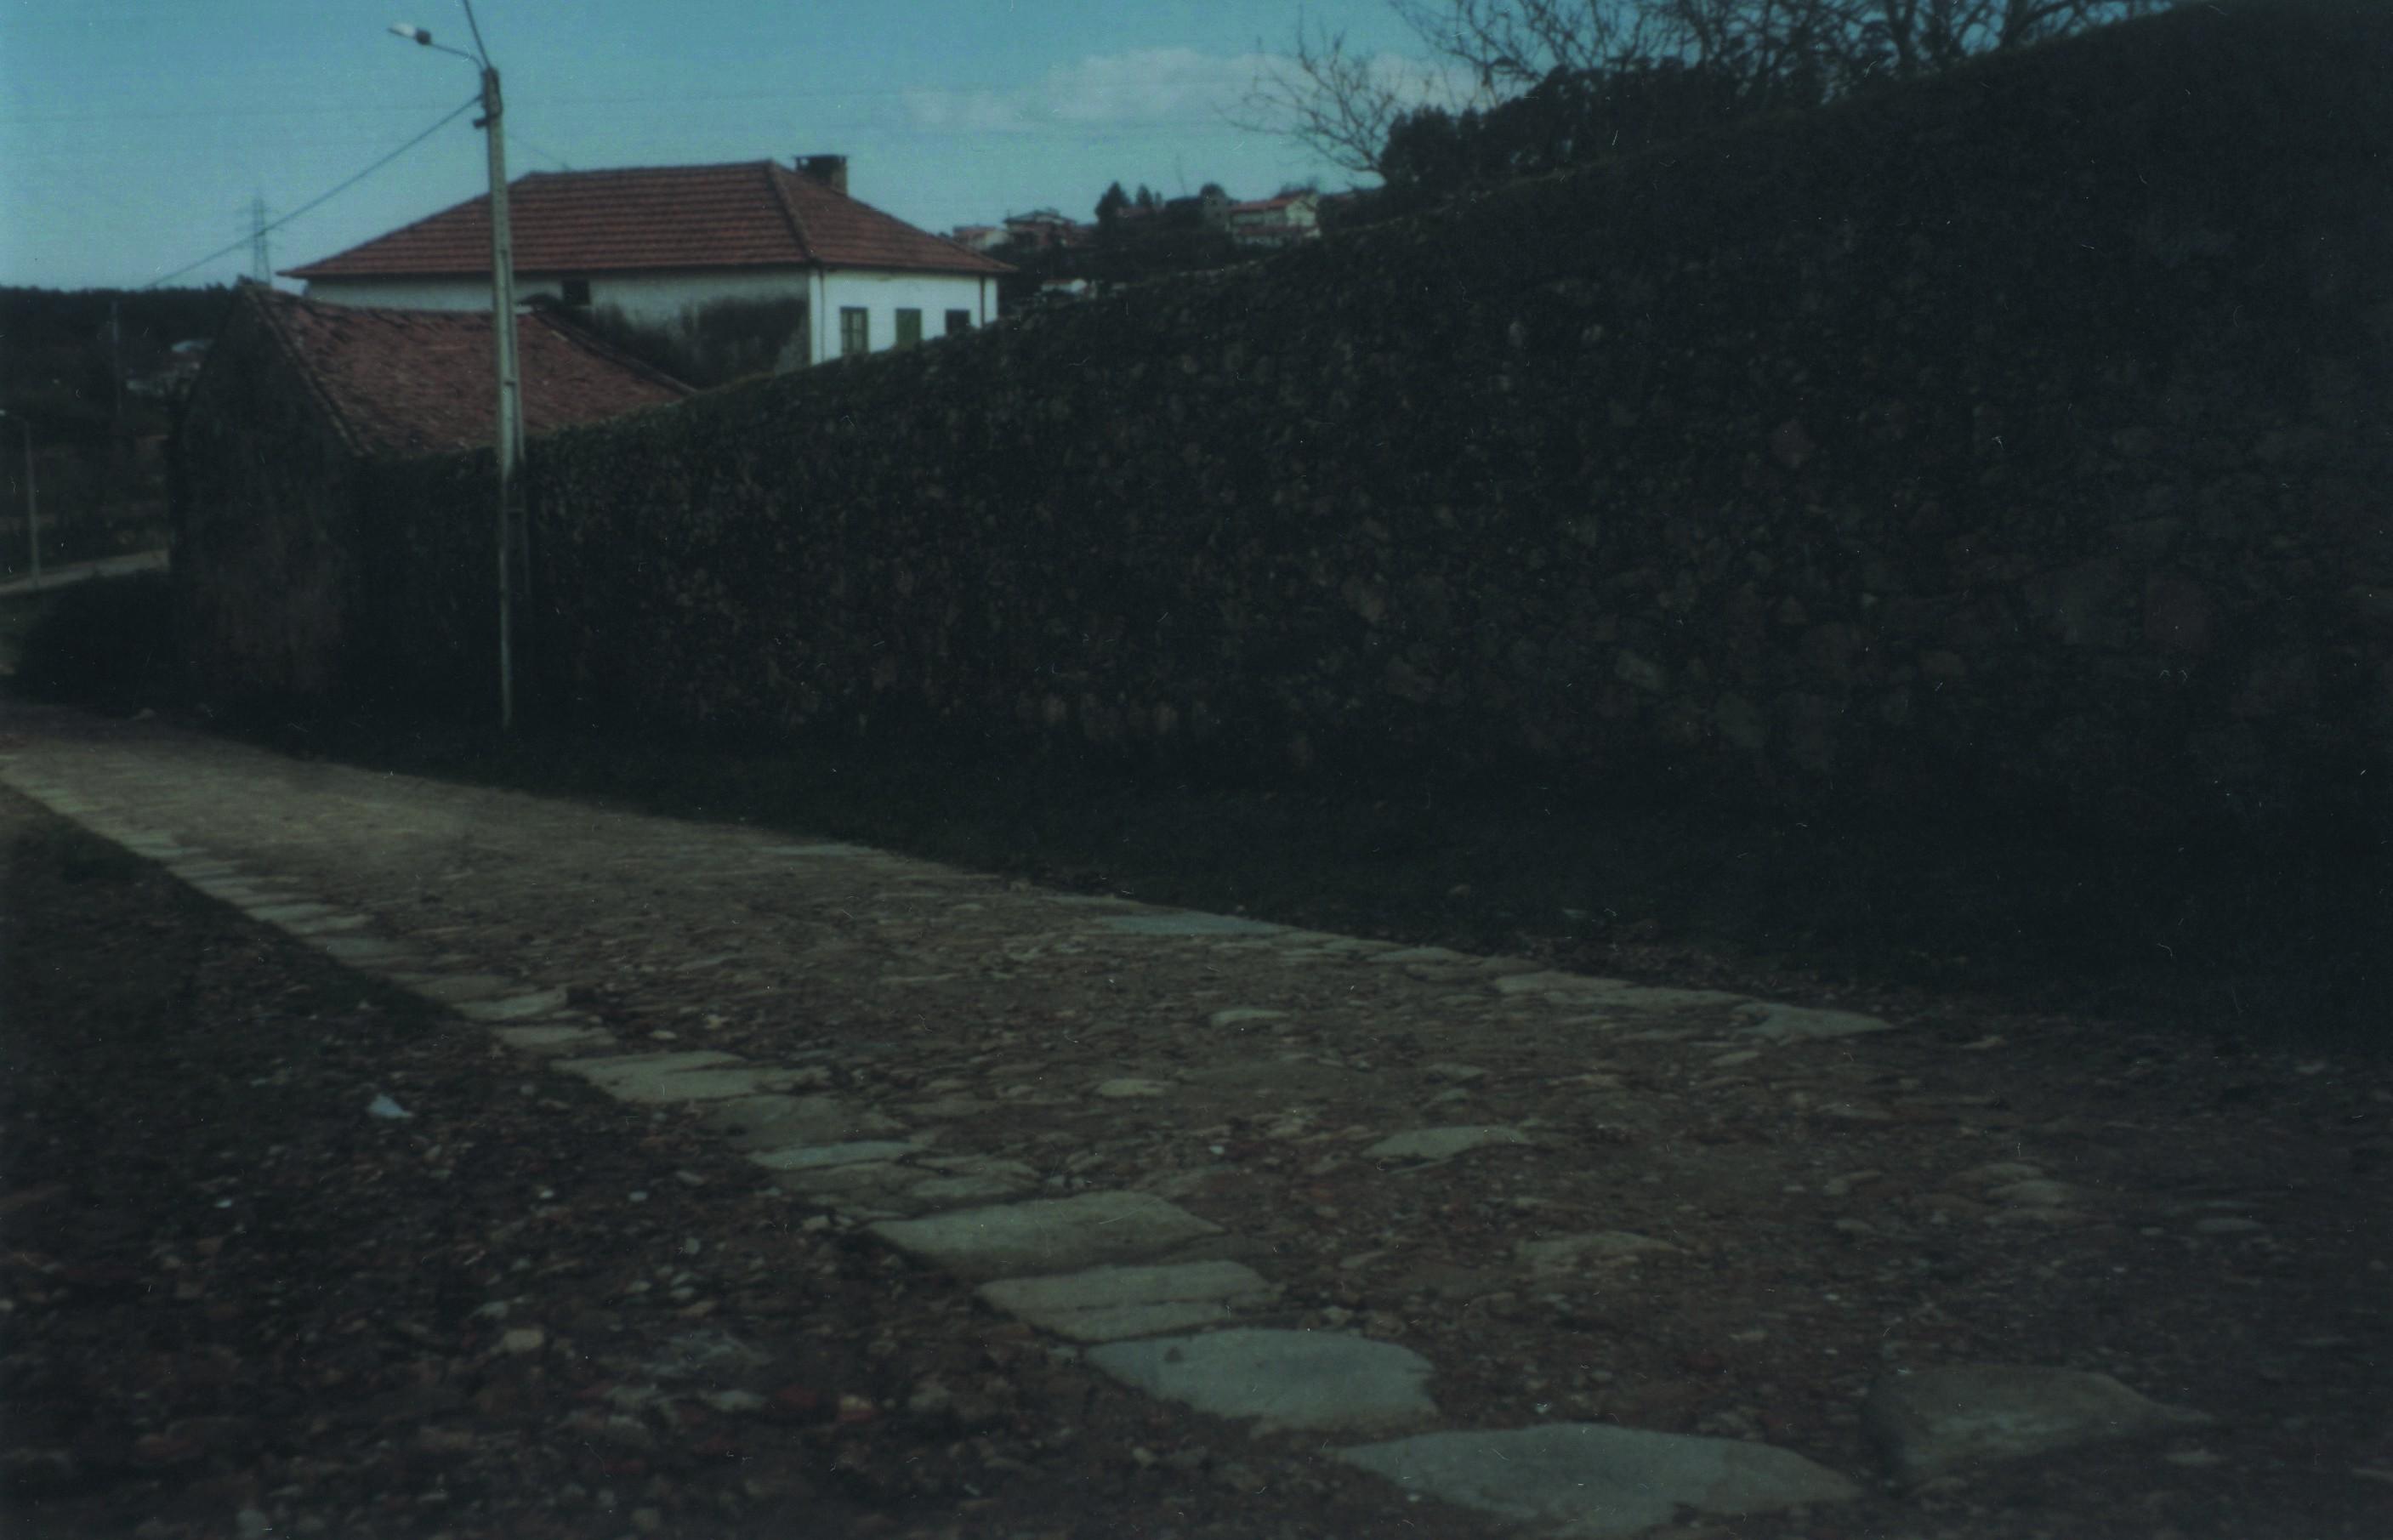 Caminho romano da Pica, Cucujães (Anos 90)